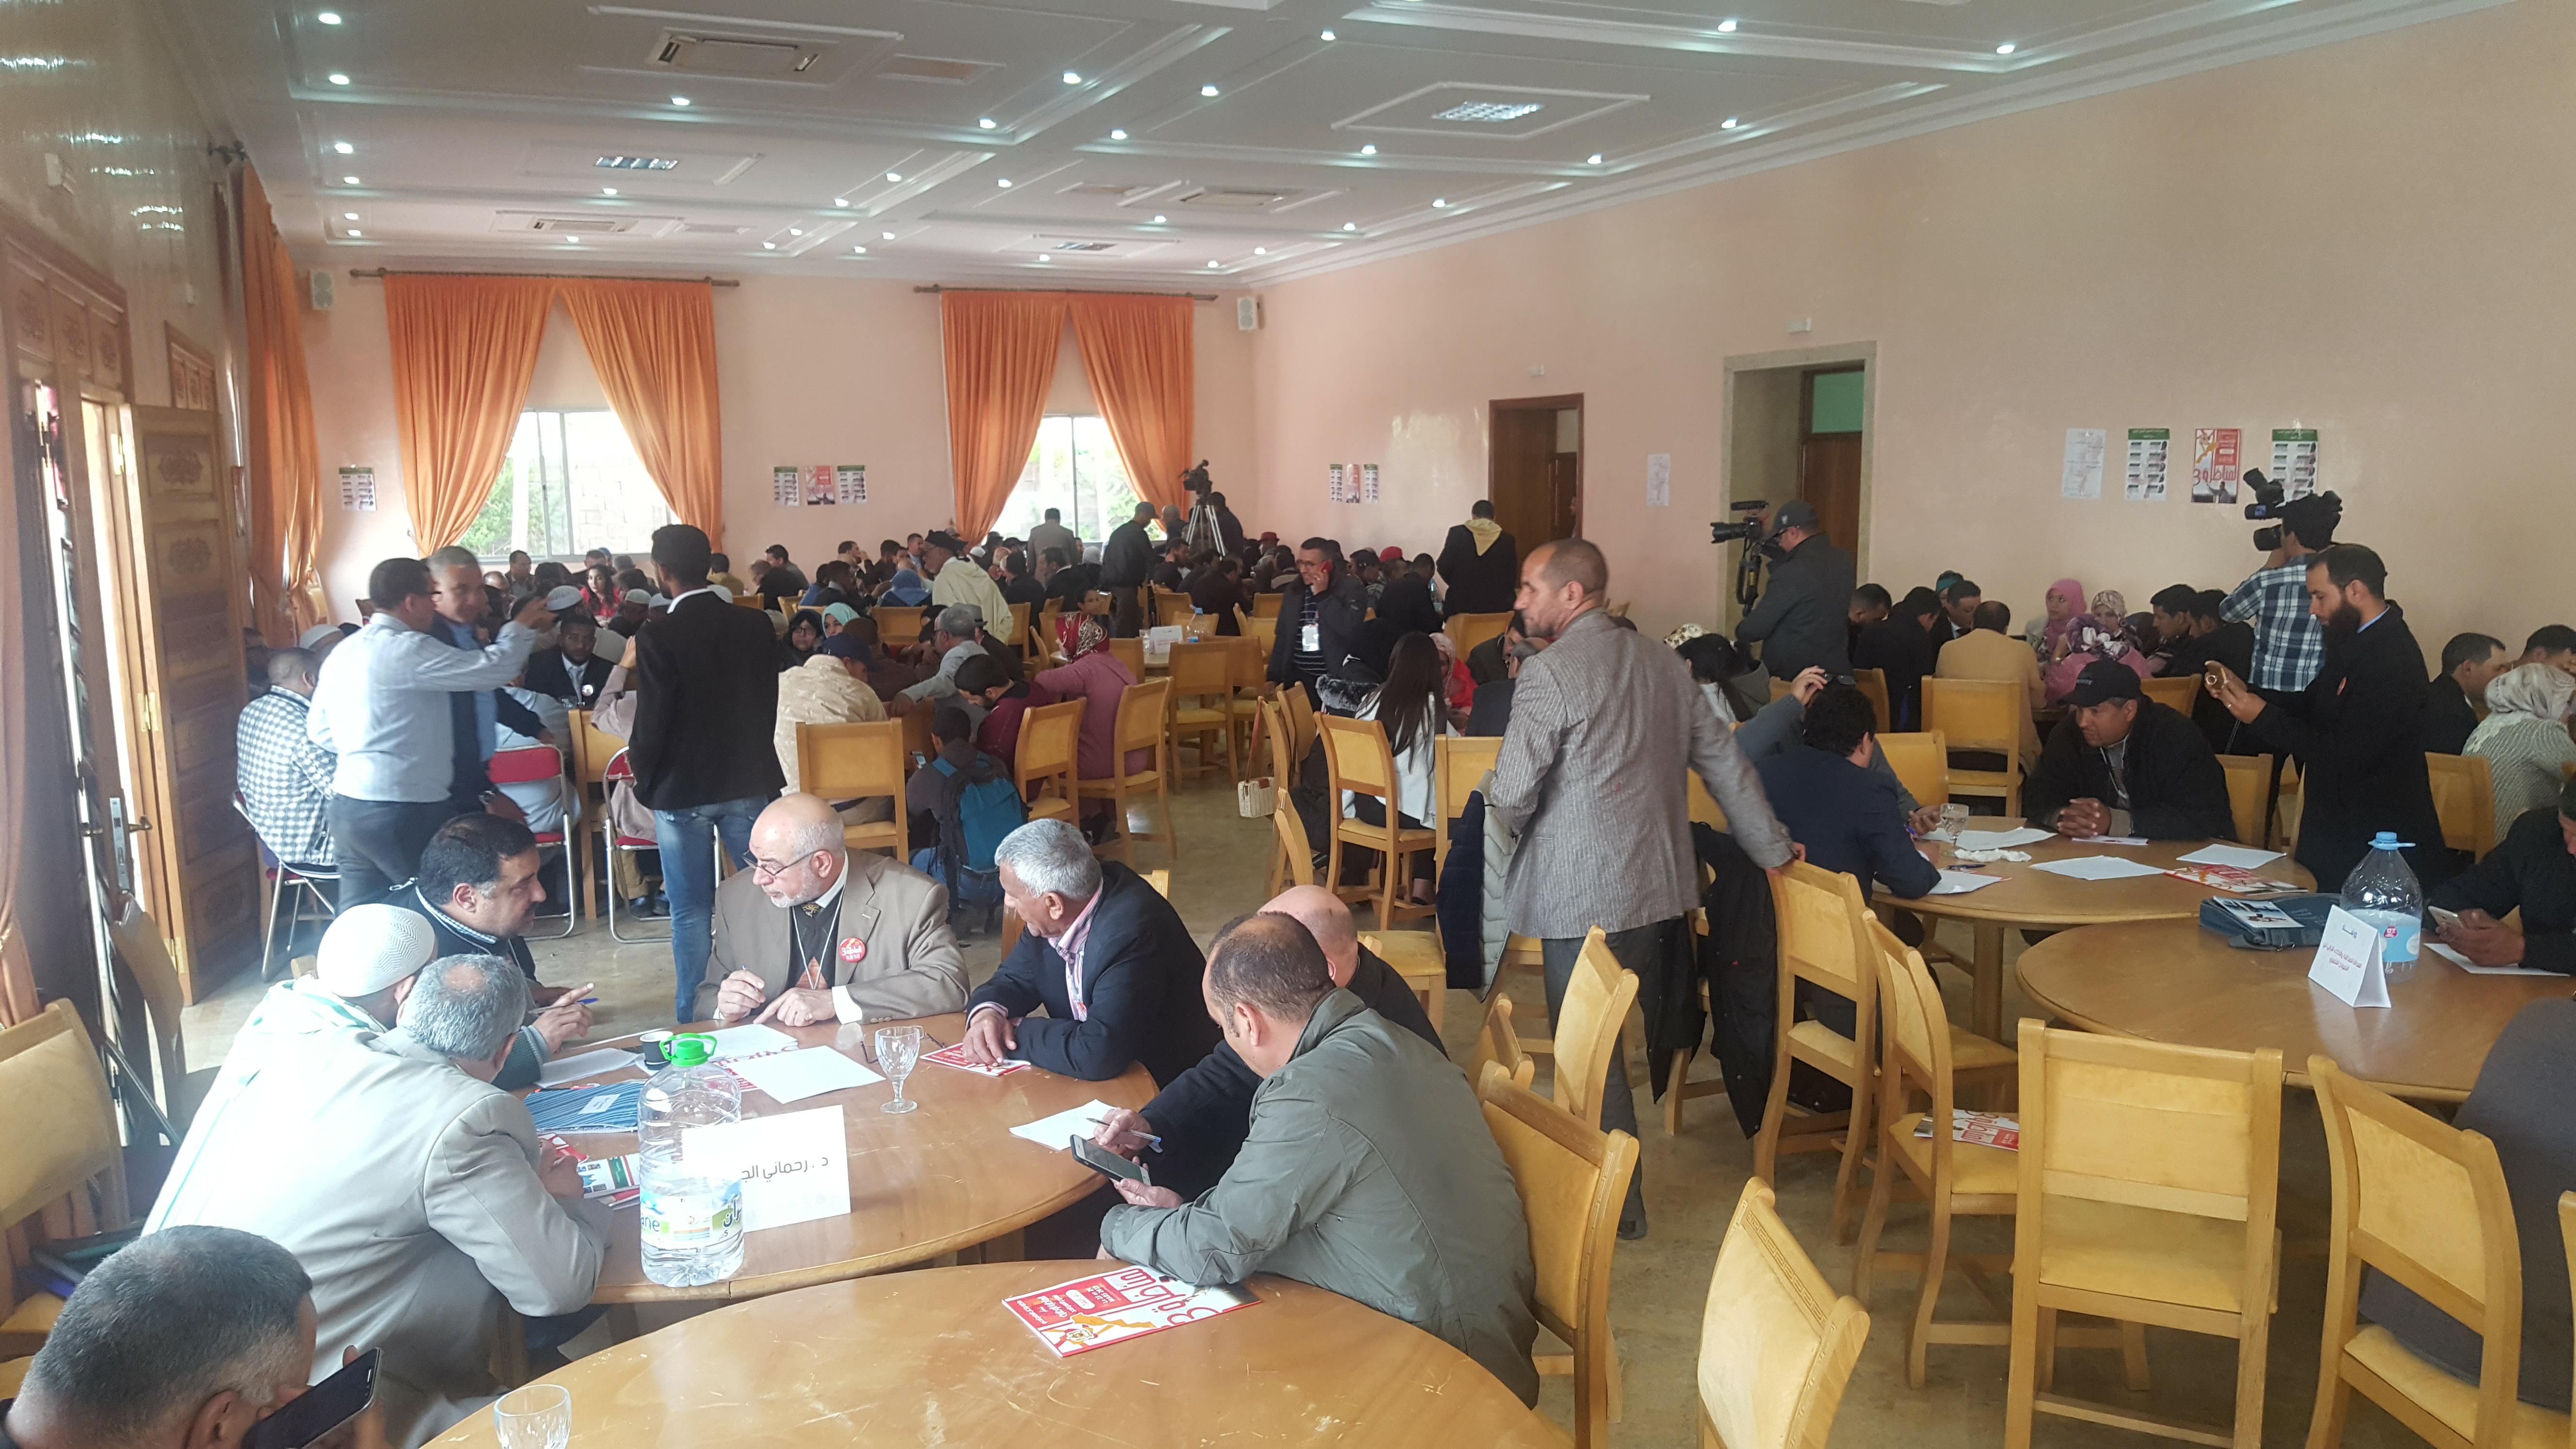 جمعية الصحافة والإعلام الإلكتروني بإقليم الرحامنة تشارك في المناظرة الوطنية للمشروع التنموي الجديد بمراكش.